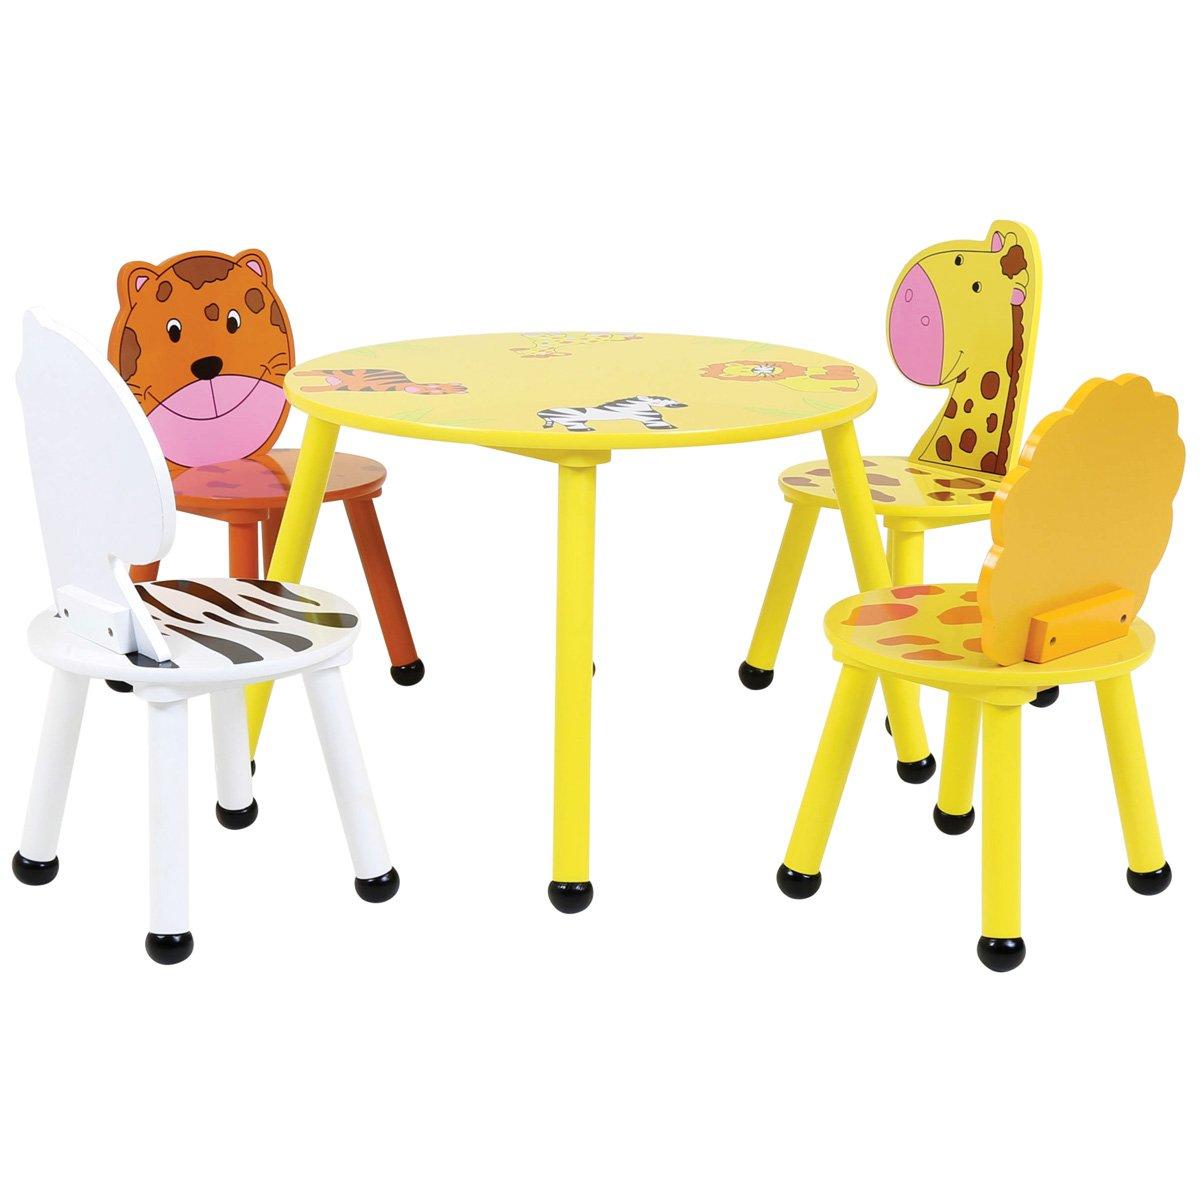 Bentley Kids - Kinder Sitzgruppe - Tisch & 4 Stühle - Safari-Design - Holz - Für Kinderzimmer